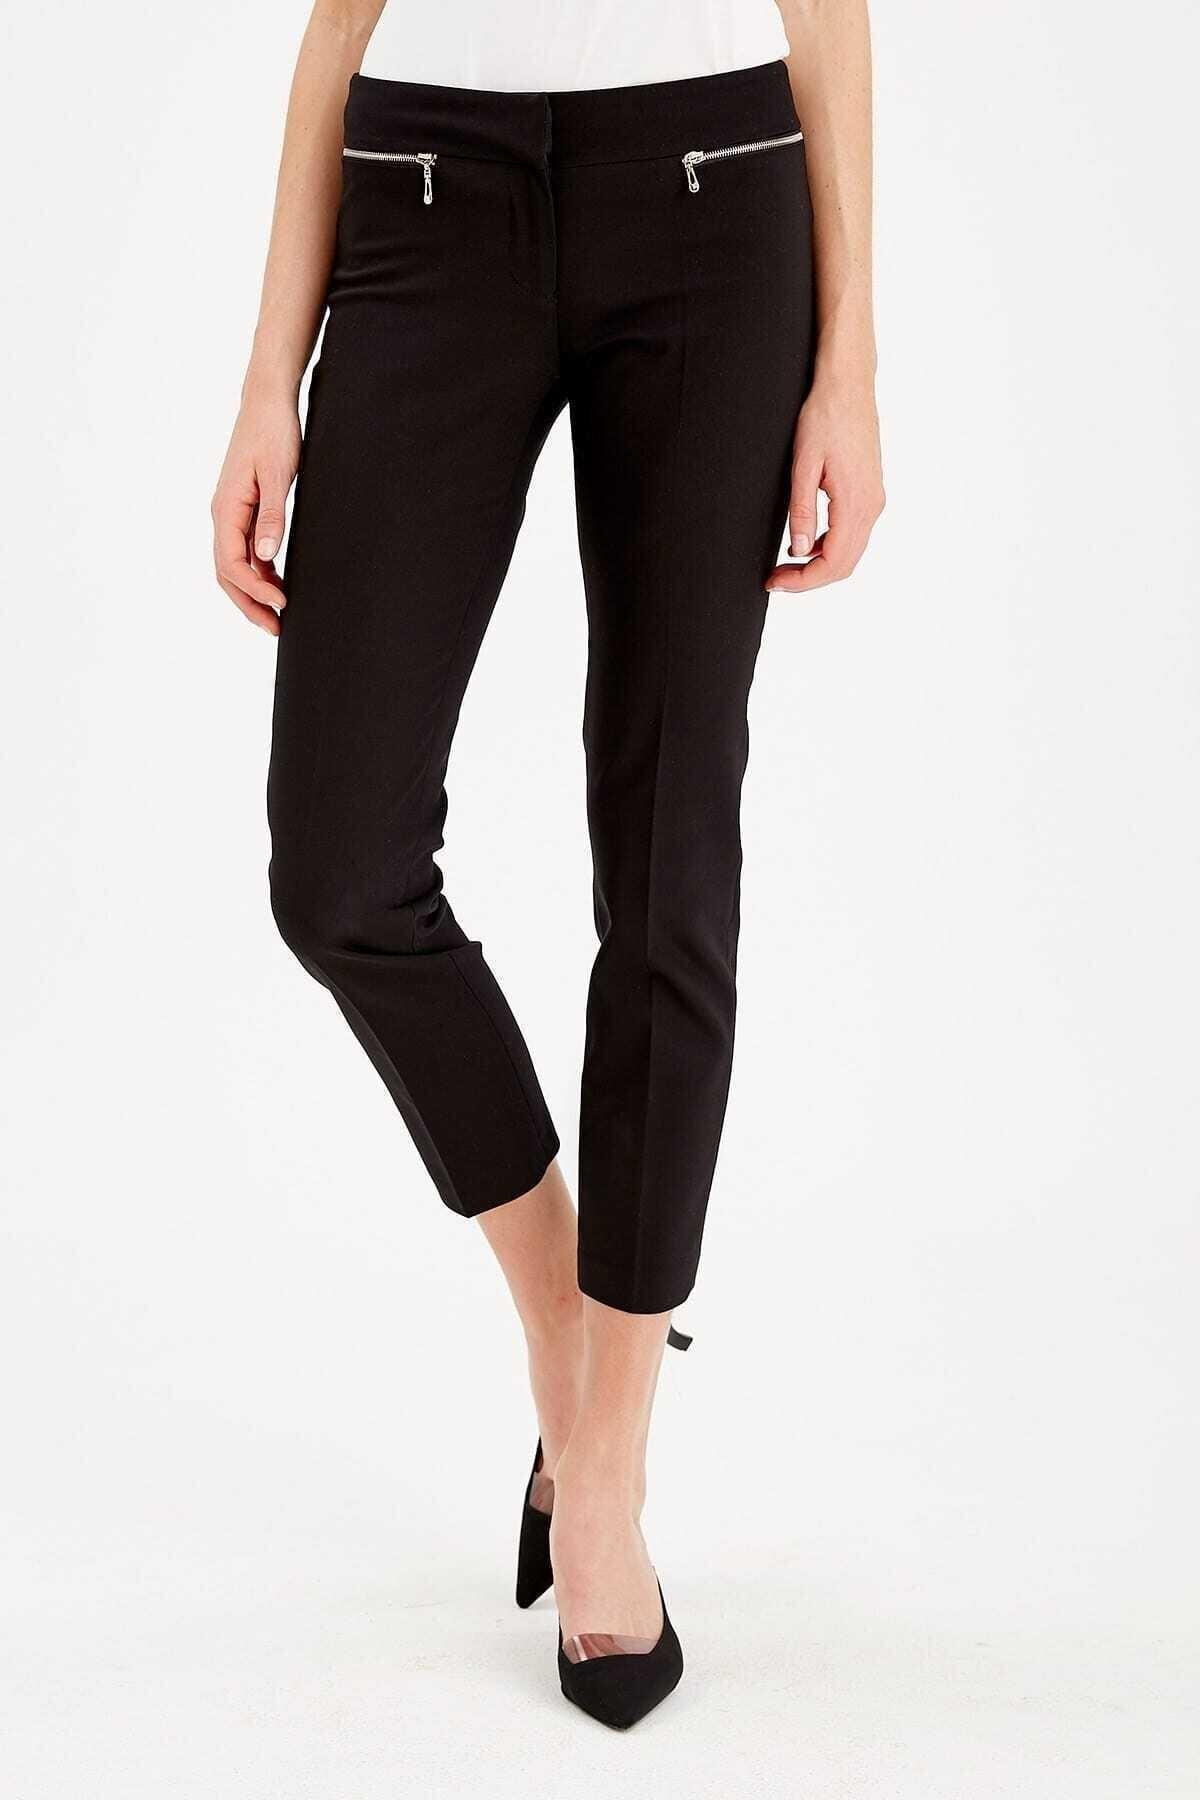 Journey Kadın Siyah Kemer Altı Metal Fermuarlıdar Paça Bilekte Pantolon 19ypnt060 1